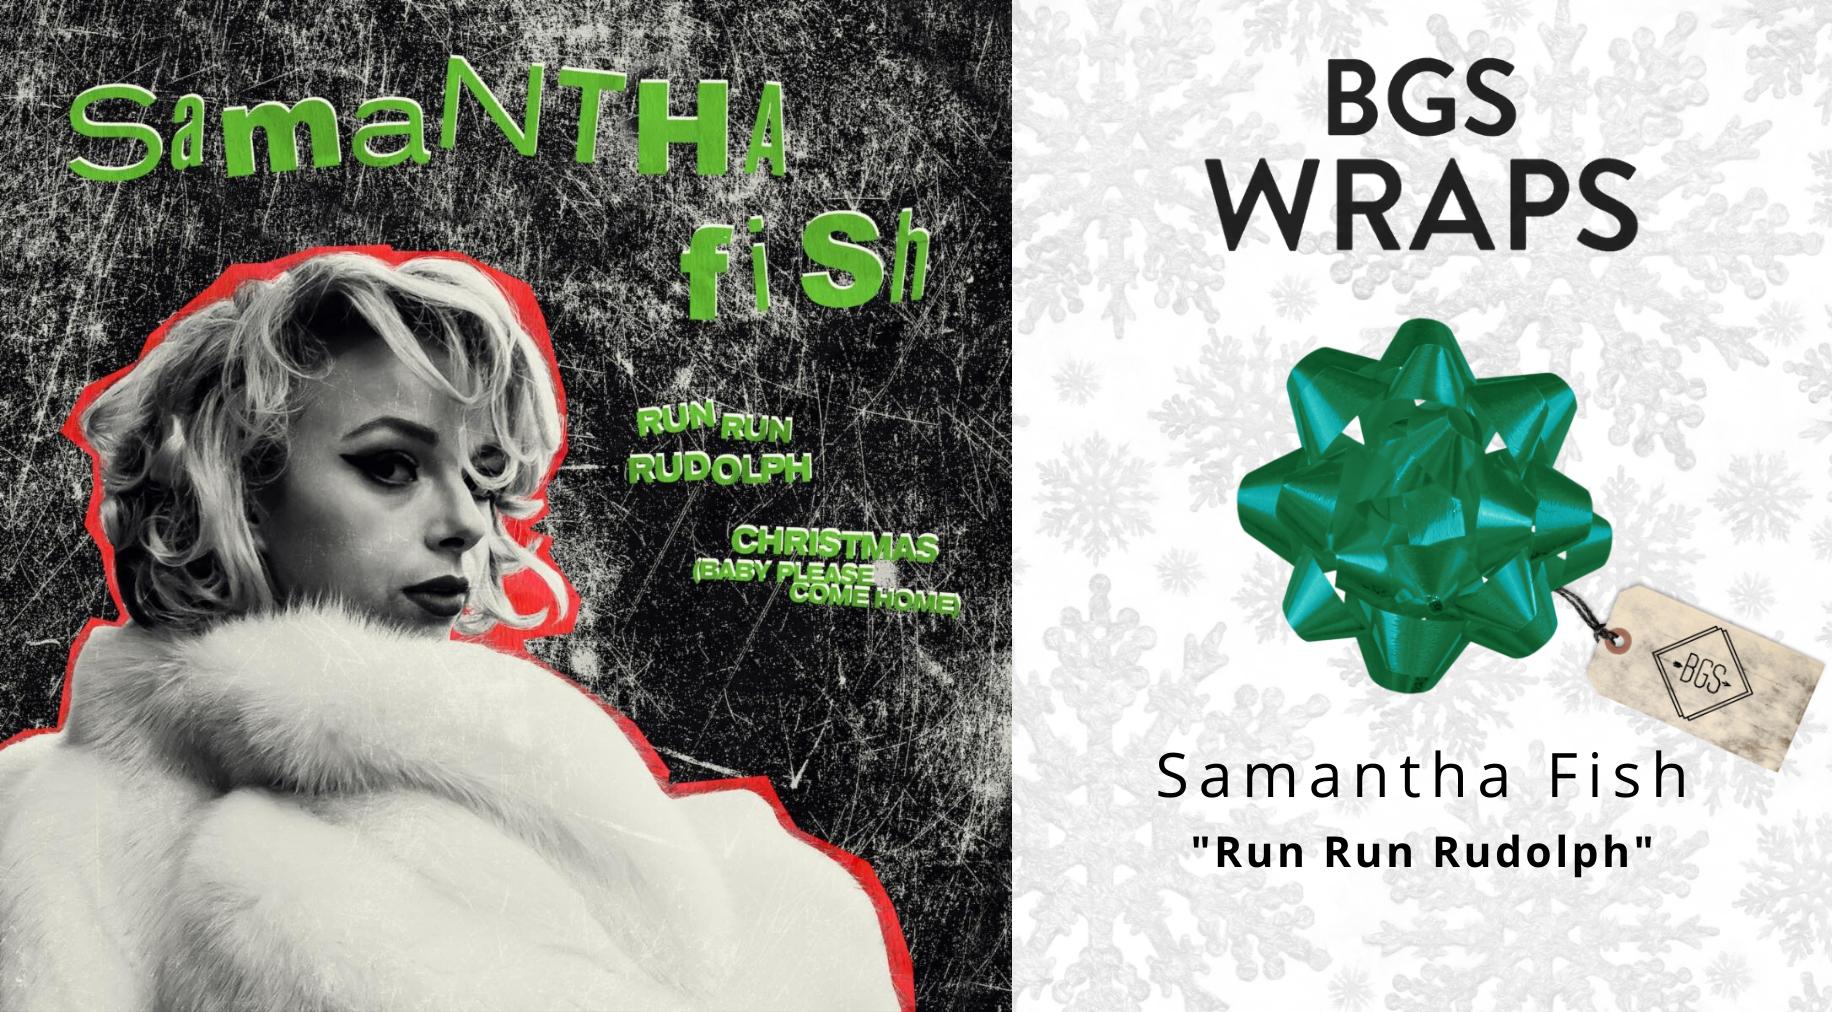 BGS WRAPS: Samantha Fish,